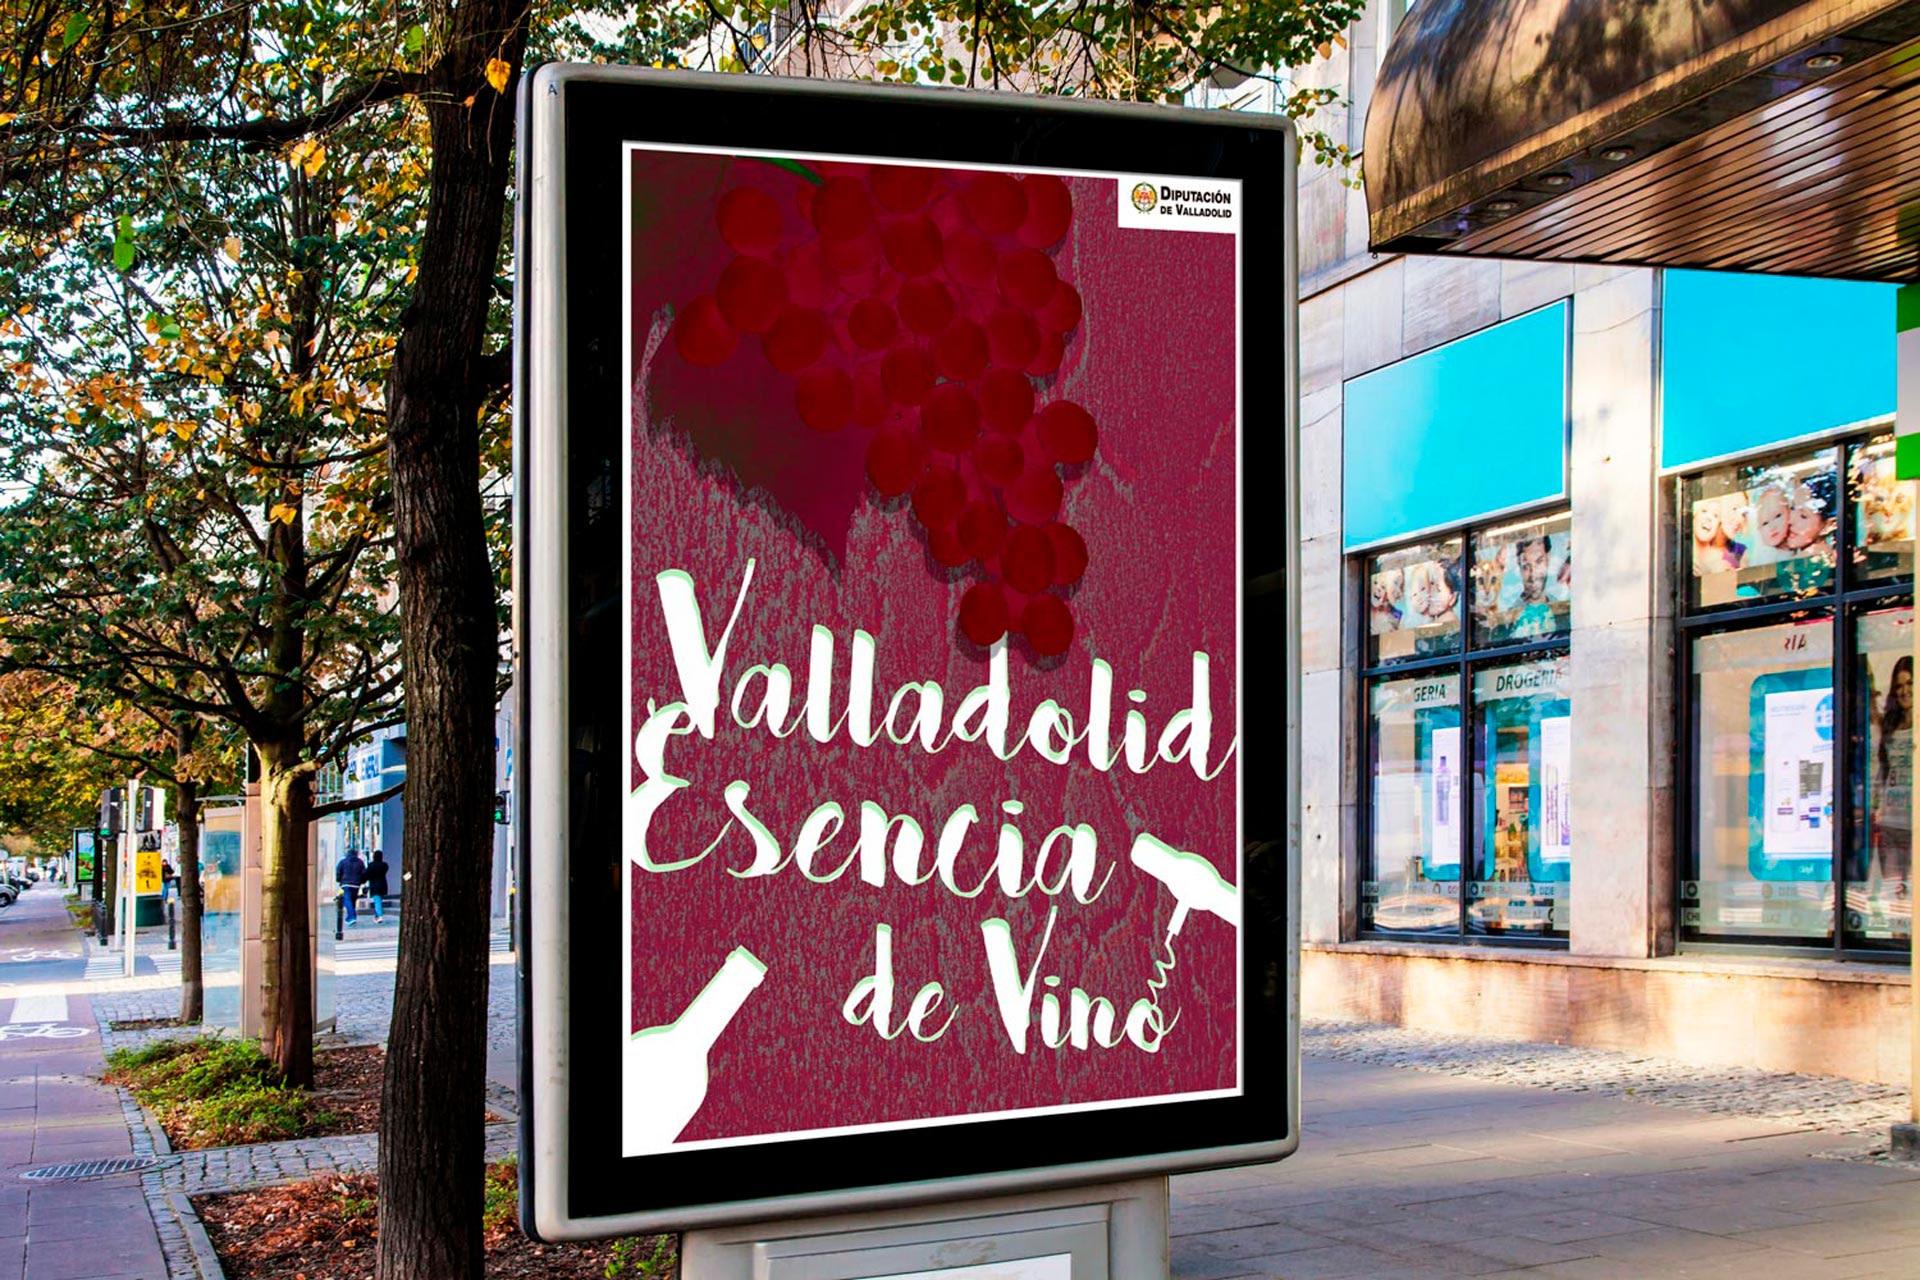 OPI exterior - Campaña de publicidad - Valladolid Esencia de Vino